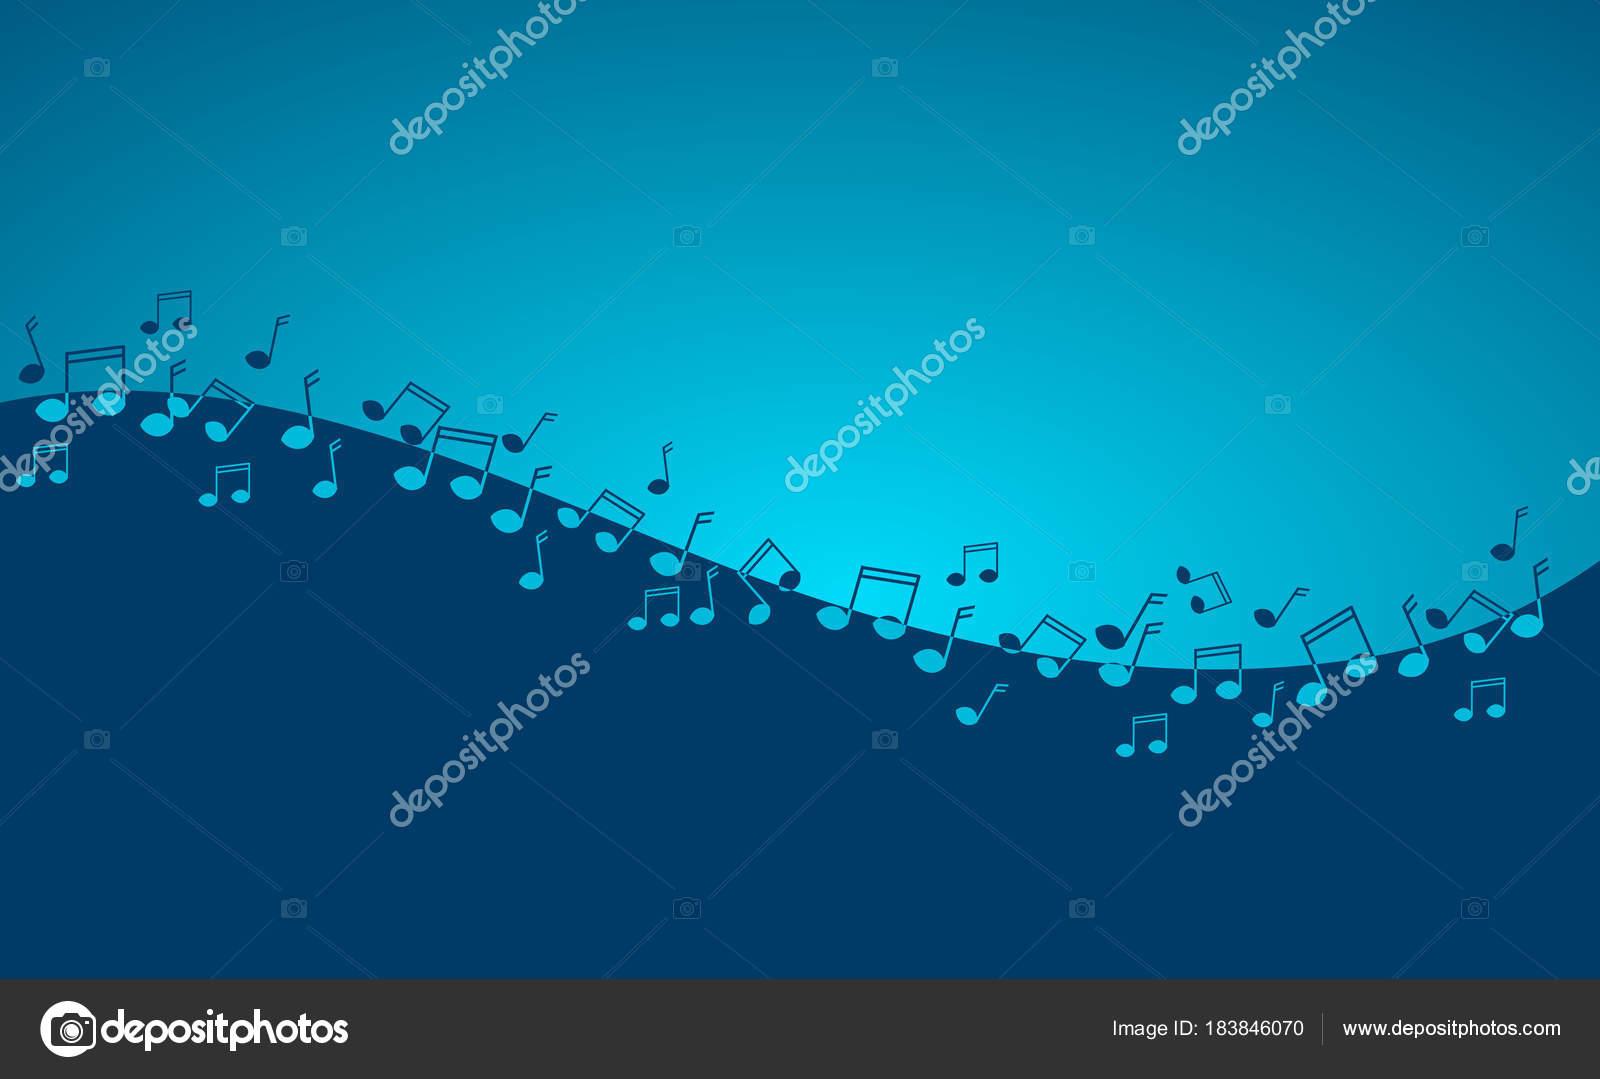 Детская фоновая музыка для праздника скачать | дудук музыка скачать.